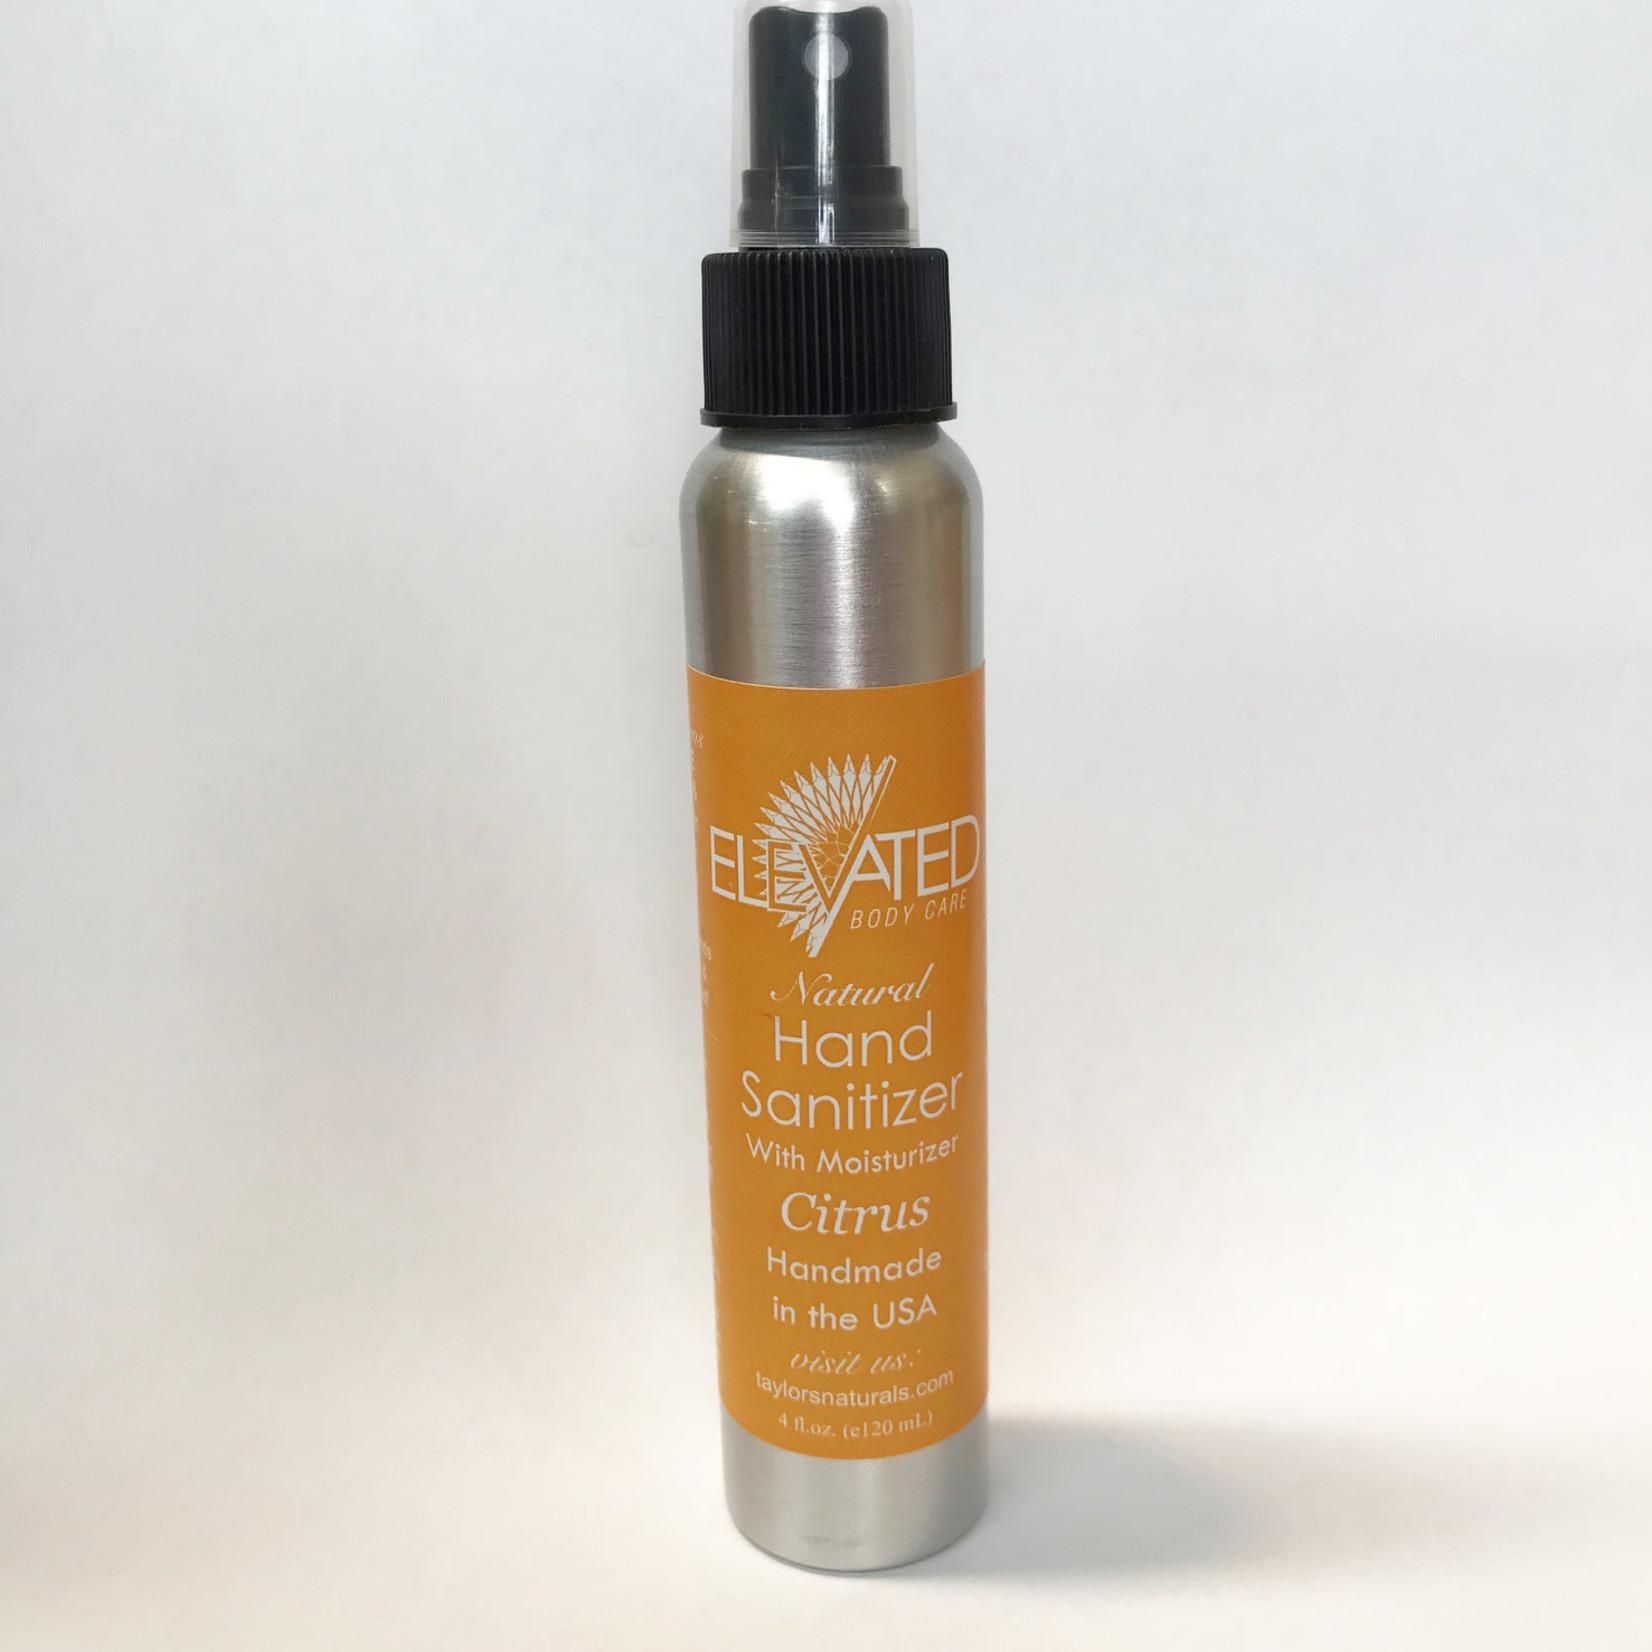 Taylor's Citrus Hand Sanitizer